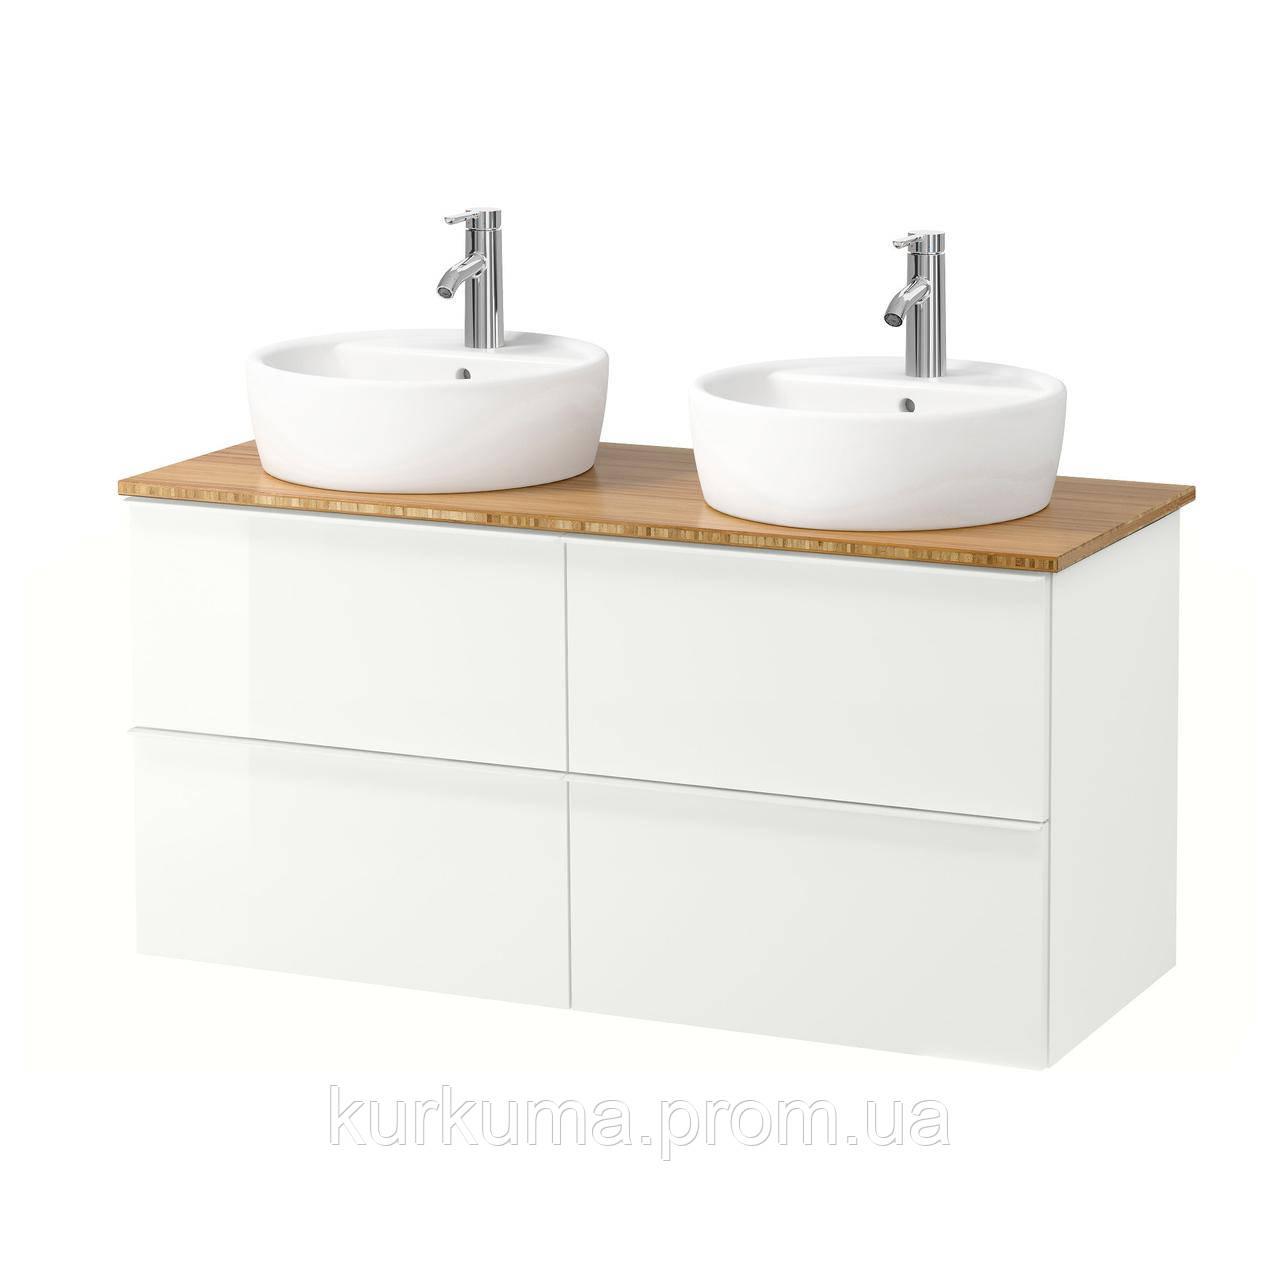 IKEA GODMORGON/TOLKEN/TORNVIKEN Шкаф под умывальник с раковиной, глянцевый белый, бамбук  (991.852.88)